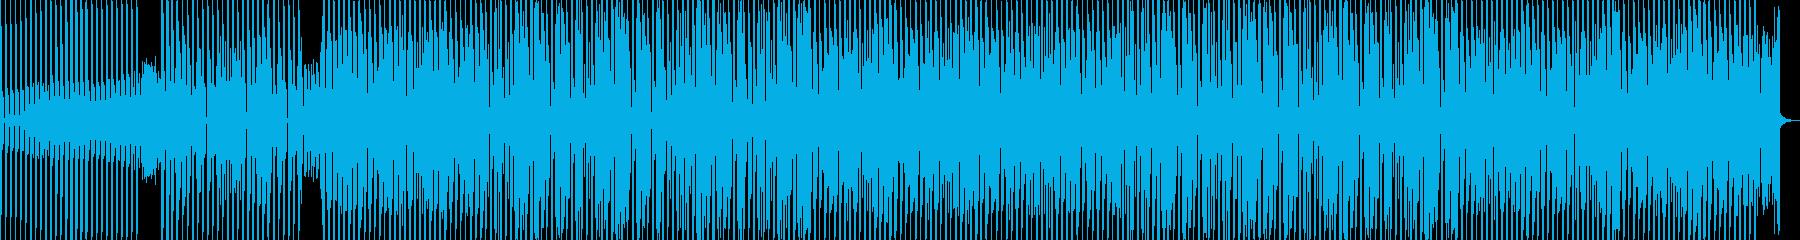 シンプルなナイトシティハウスの再生済みの波形